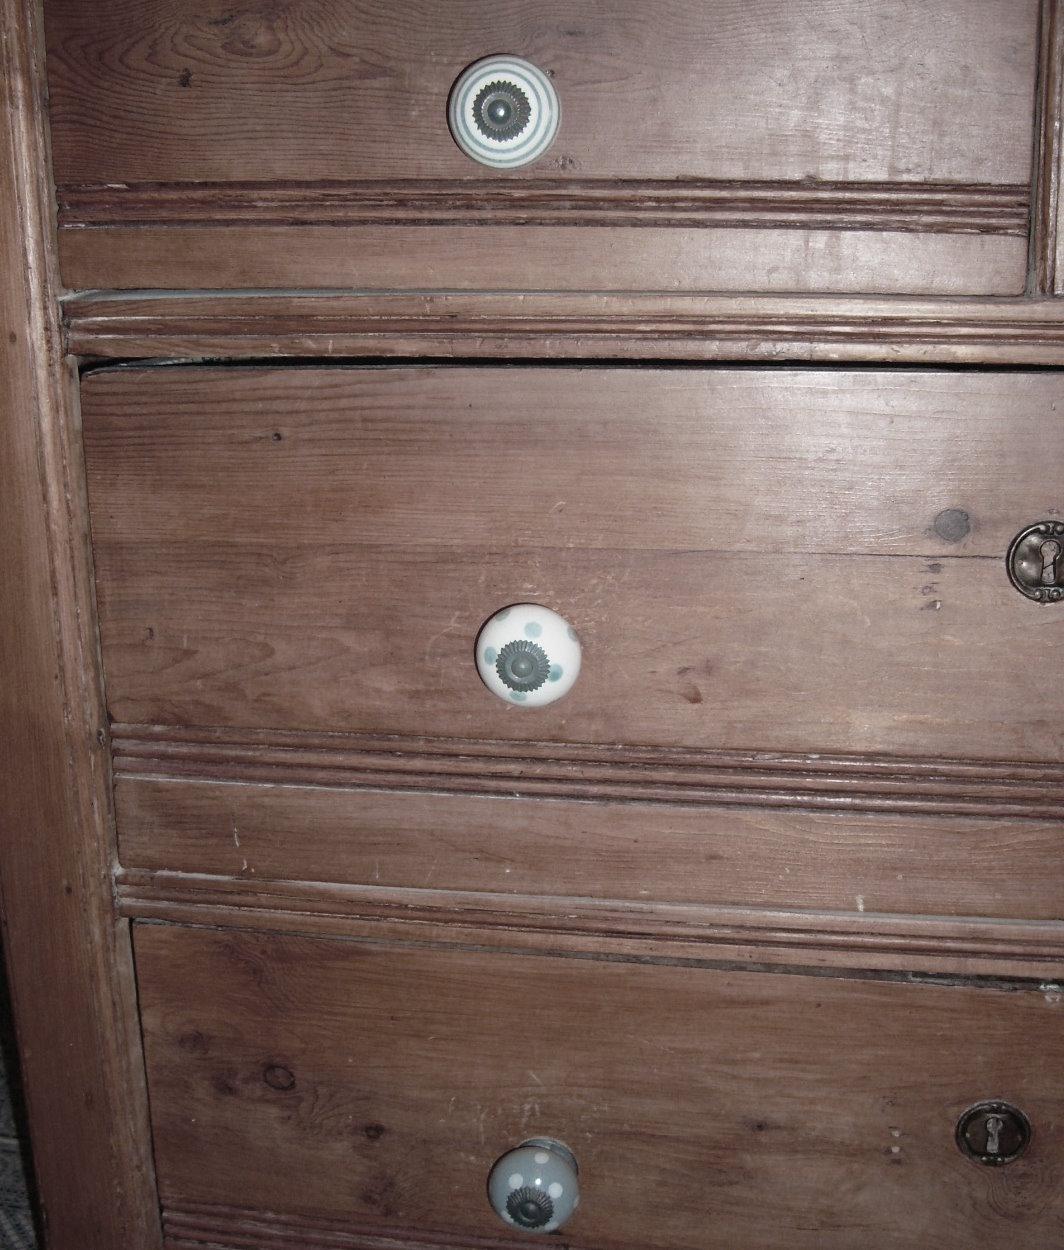 shabby chic co wundersch ne neue griffe f r die kommode im bad. Black Bedroom Furniture Sets. Home Design Ideas